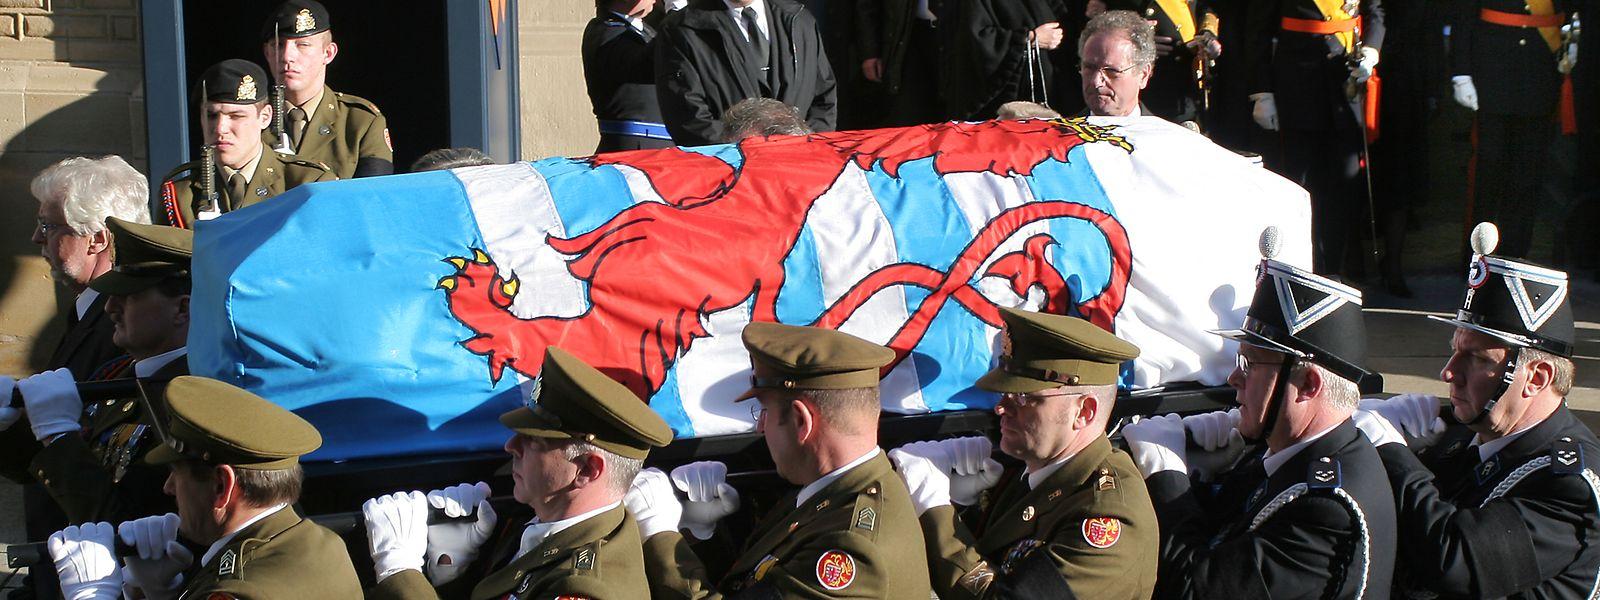 Tal como aconteceu com a morte da Grã-Duquesa Joséphine Charlotte, em 2005 (na imagem), o funeral de Jean do Luxemburgo terá honras de Estado.